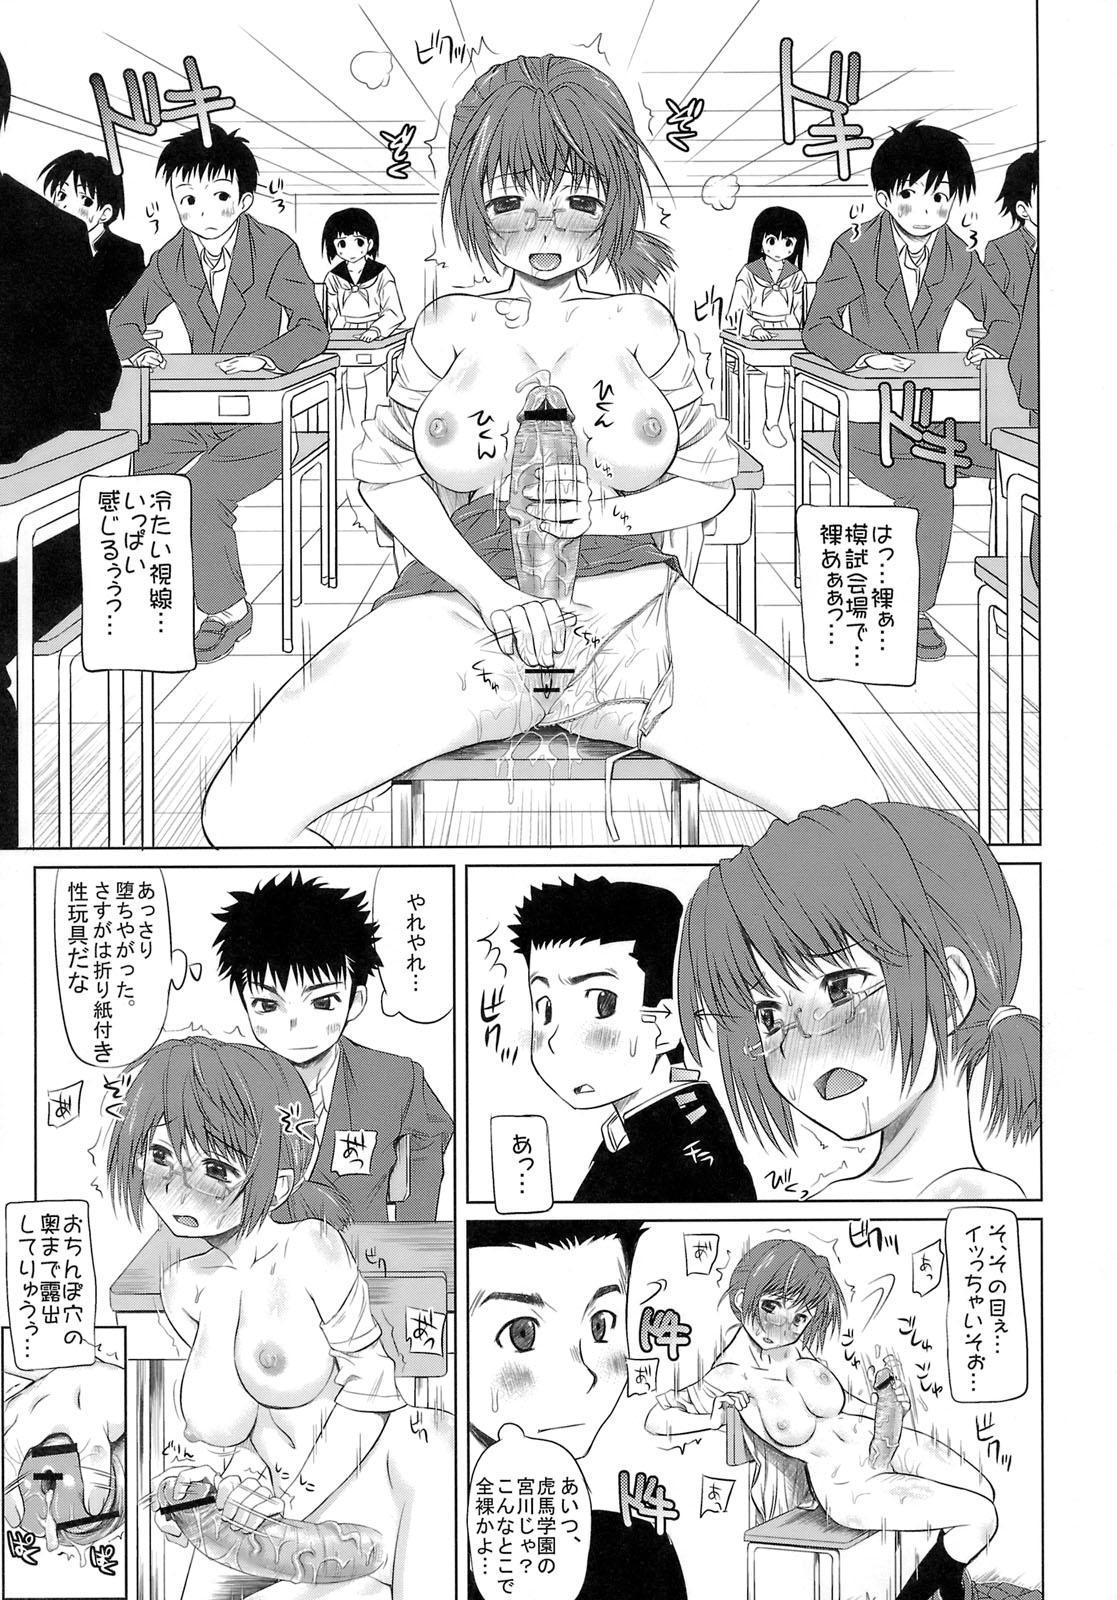 Chijoku Gakuen 3 9